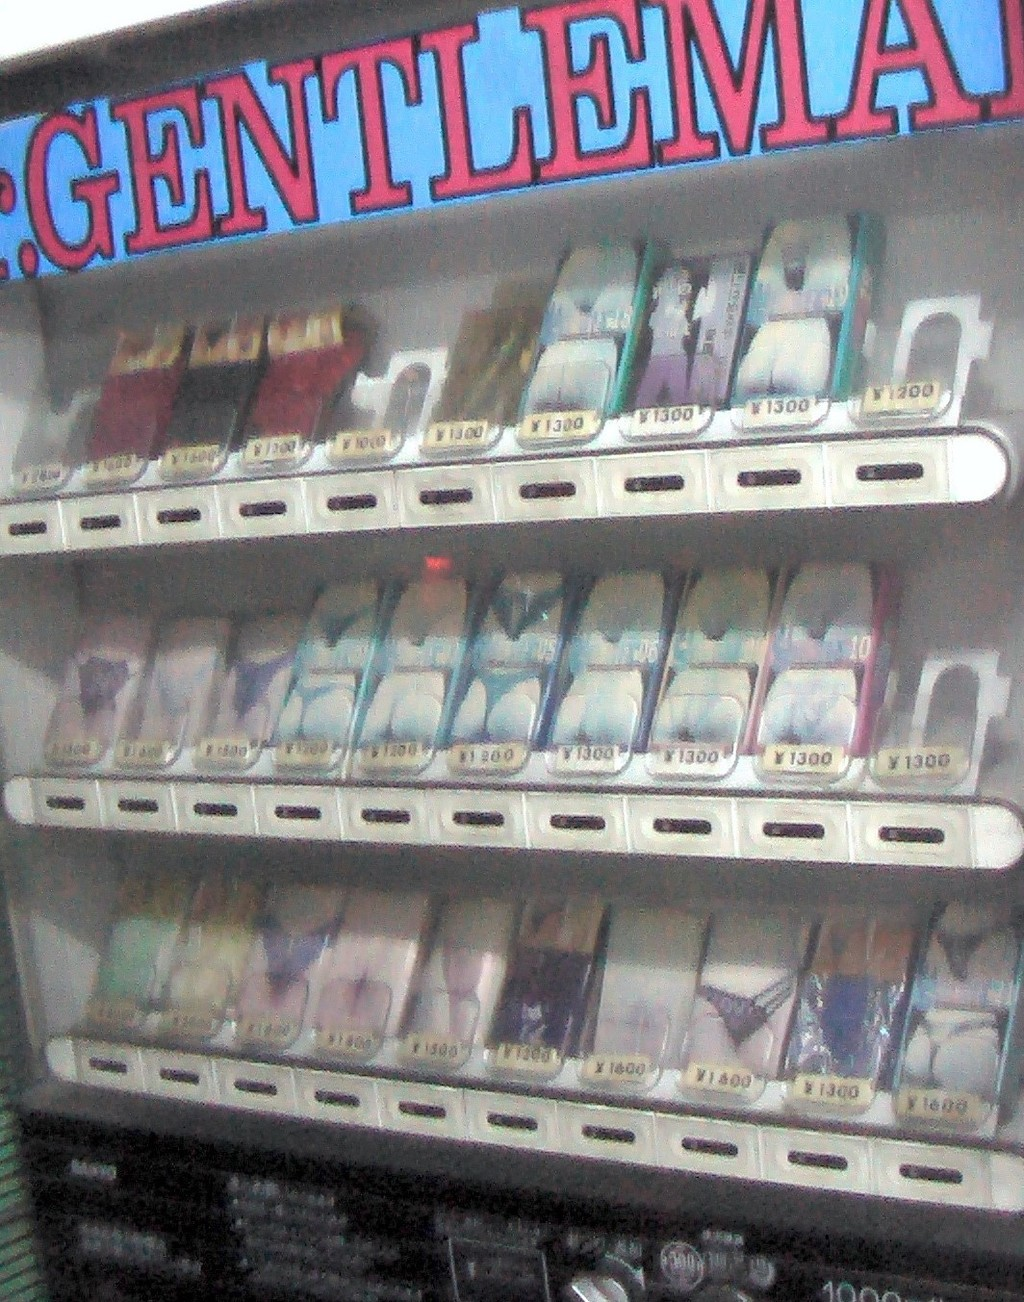 ¿Es verdad que en Japón hay máquinas expendedoras de braguitas usadas?